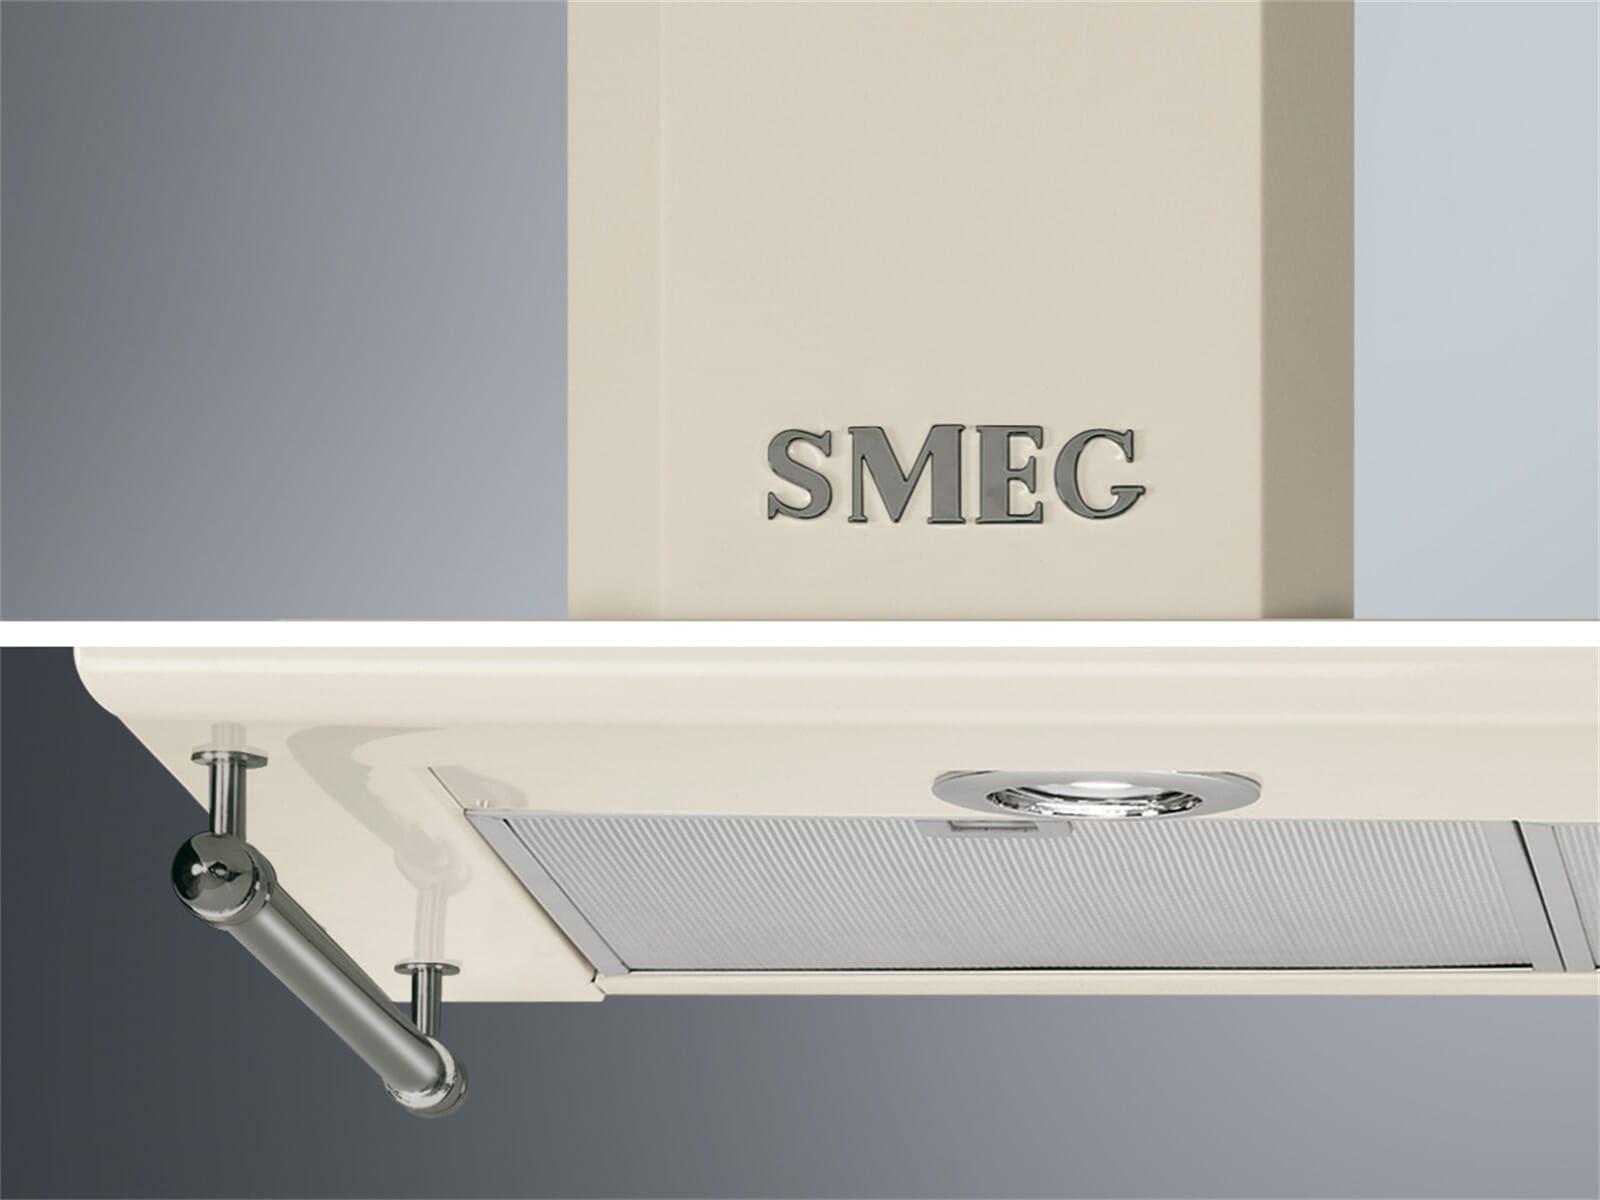 Smeg KITKCS-2 Reling / Smeg-Logo in Silber Antik